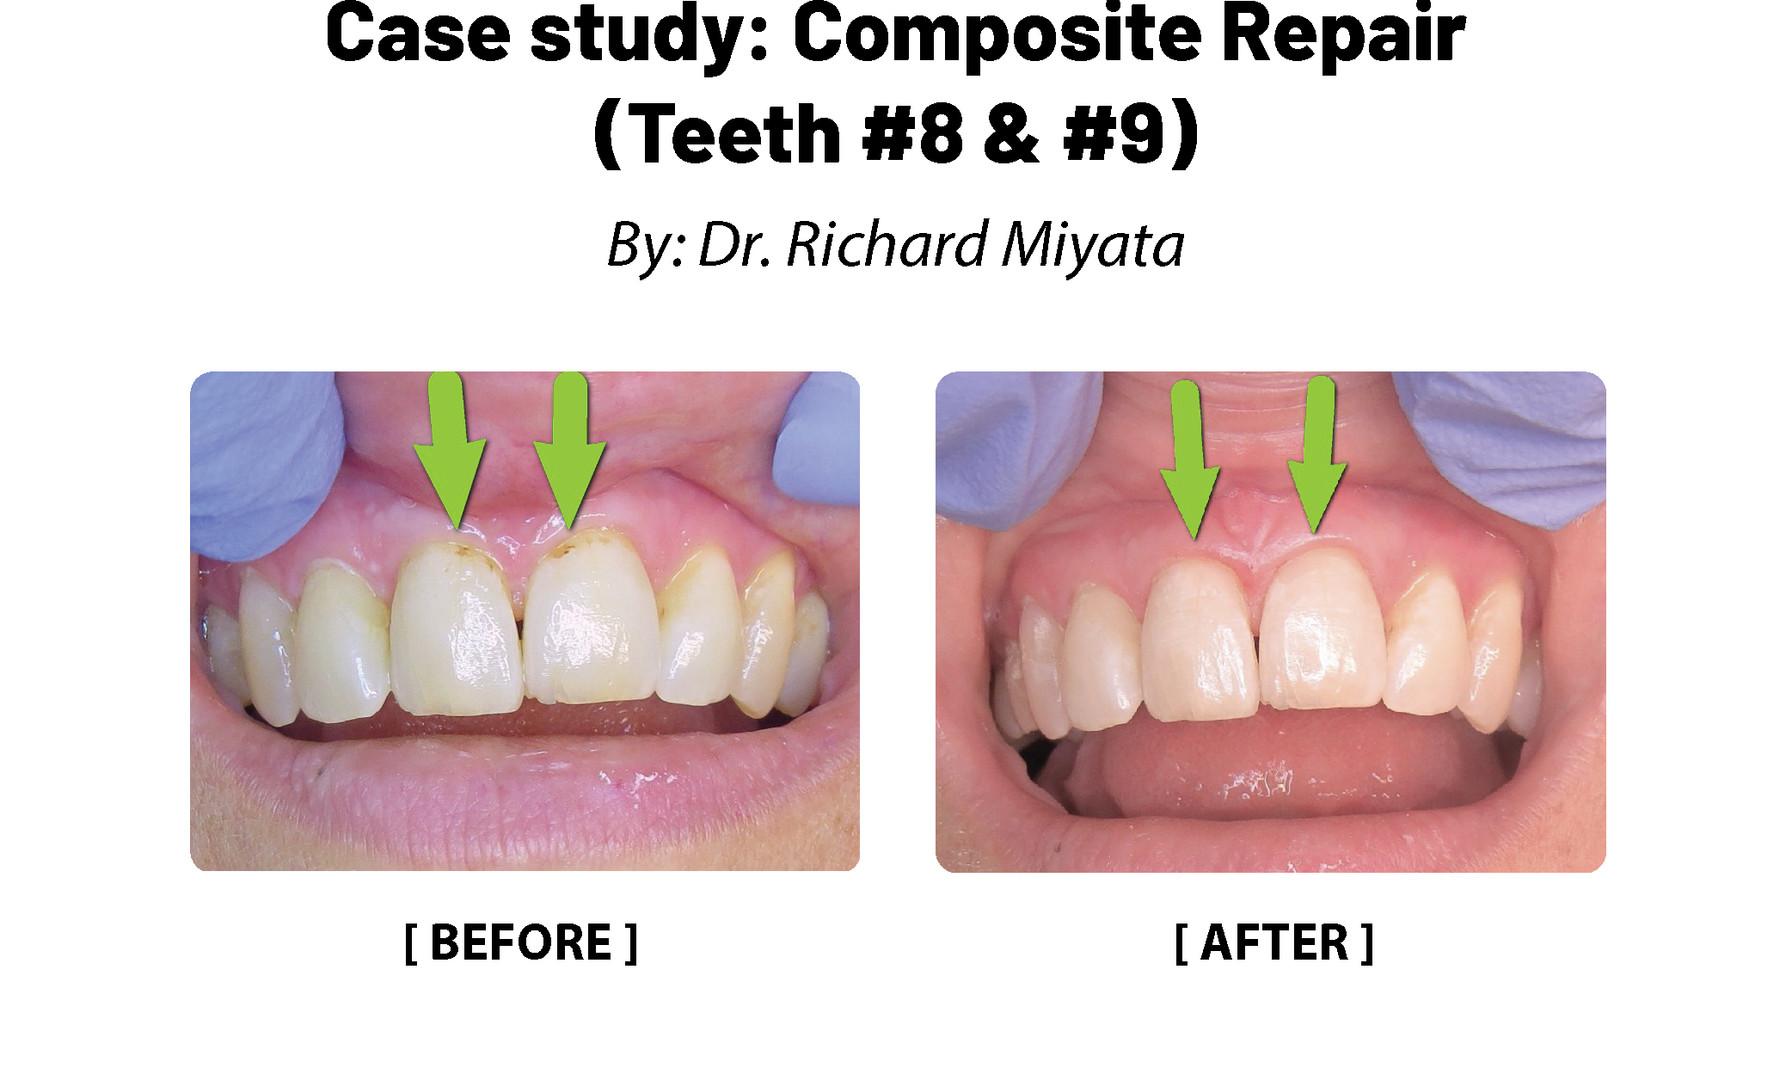 Case Study: Composite Repair (Teeth #8, 9)